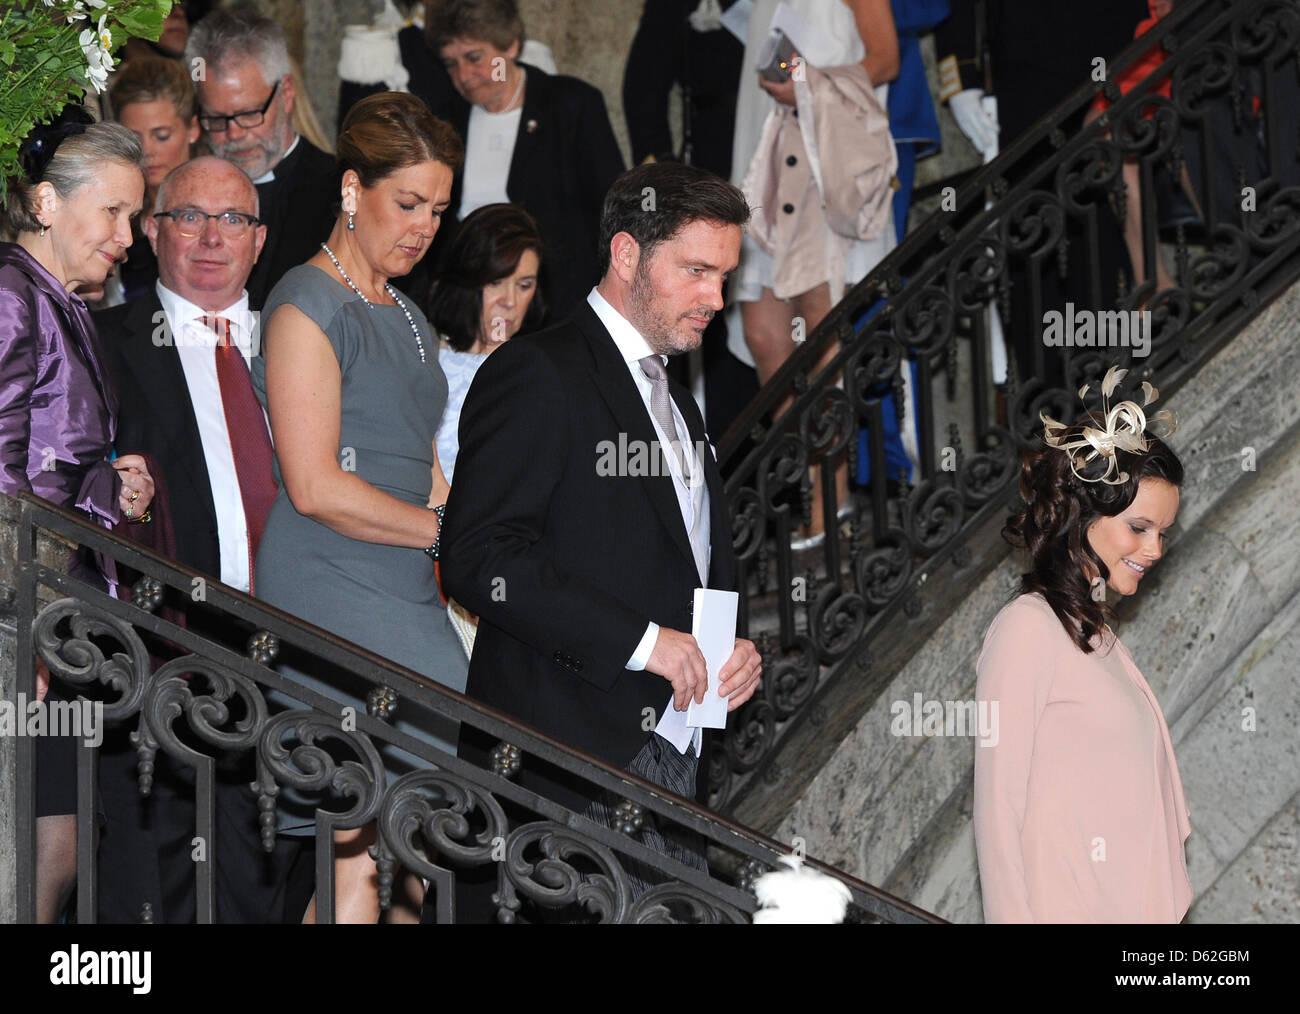 Princess Madeleine Boyfriend